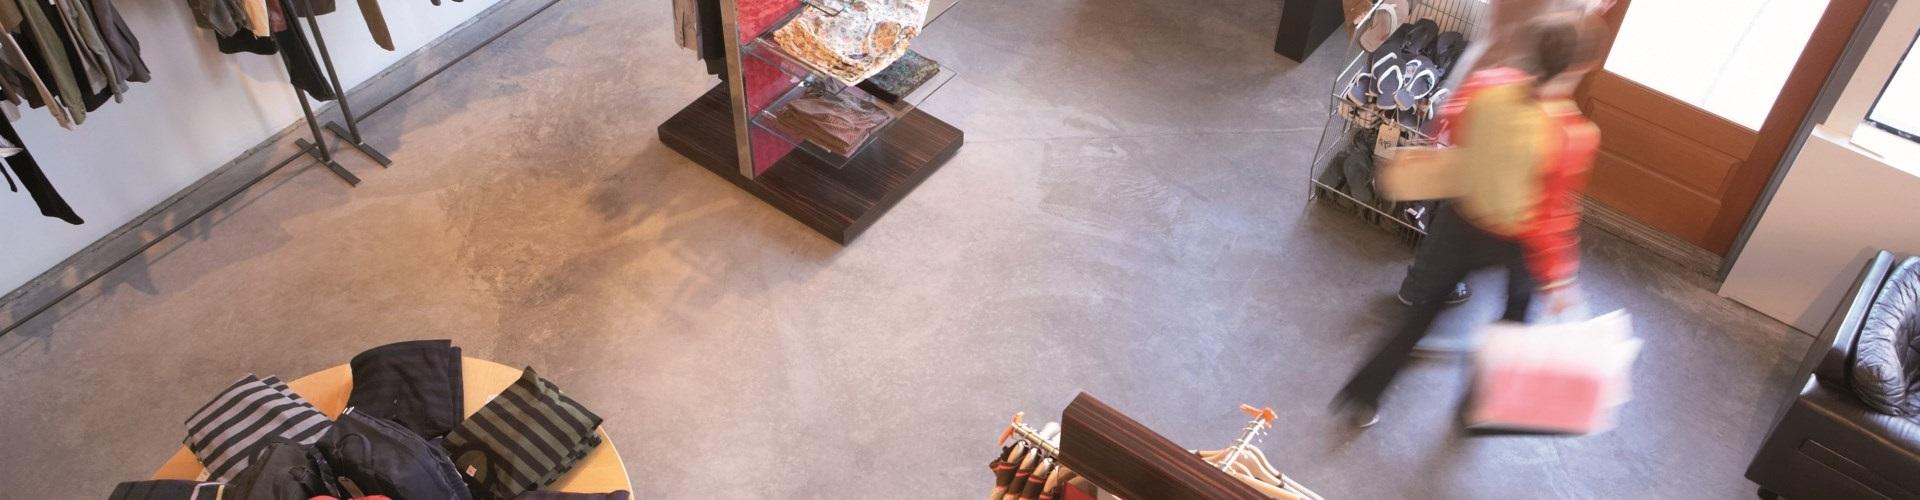 Easyfloor - Especialistas en microcemento y alta decoración